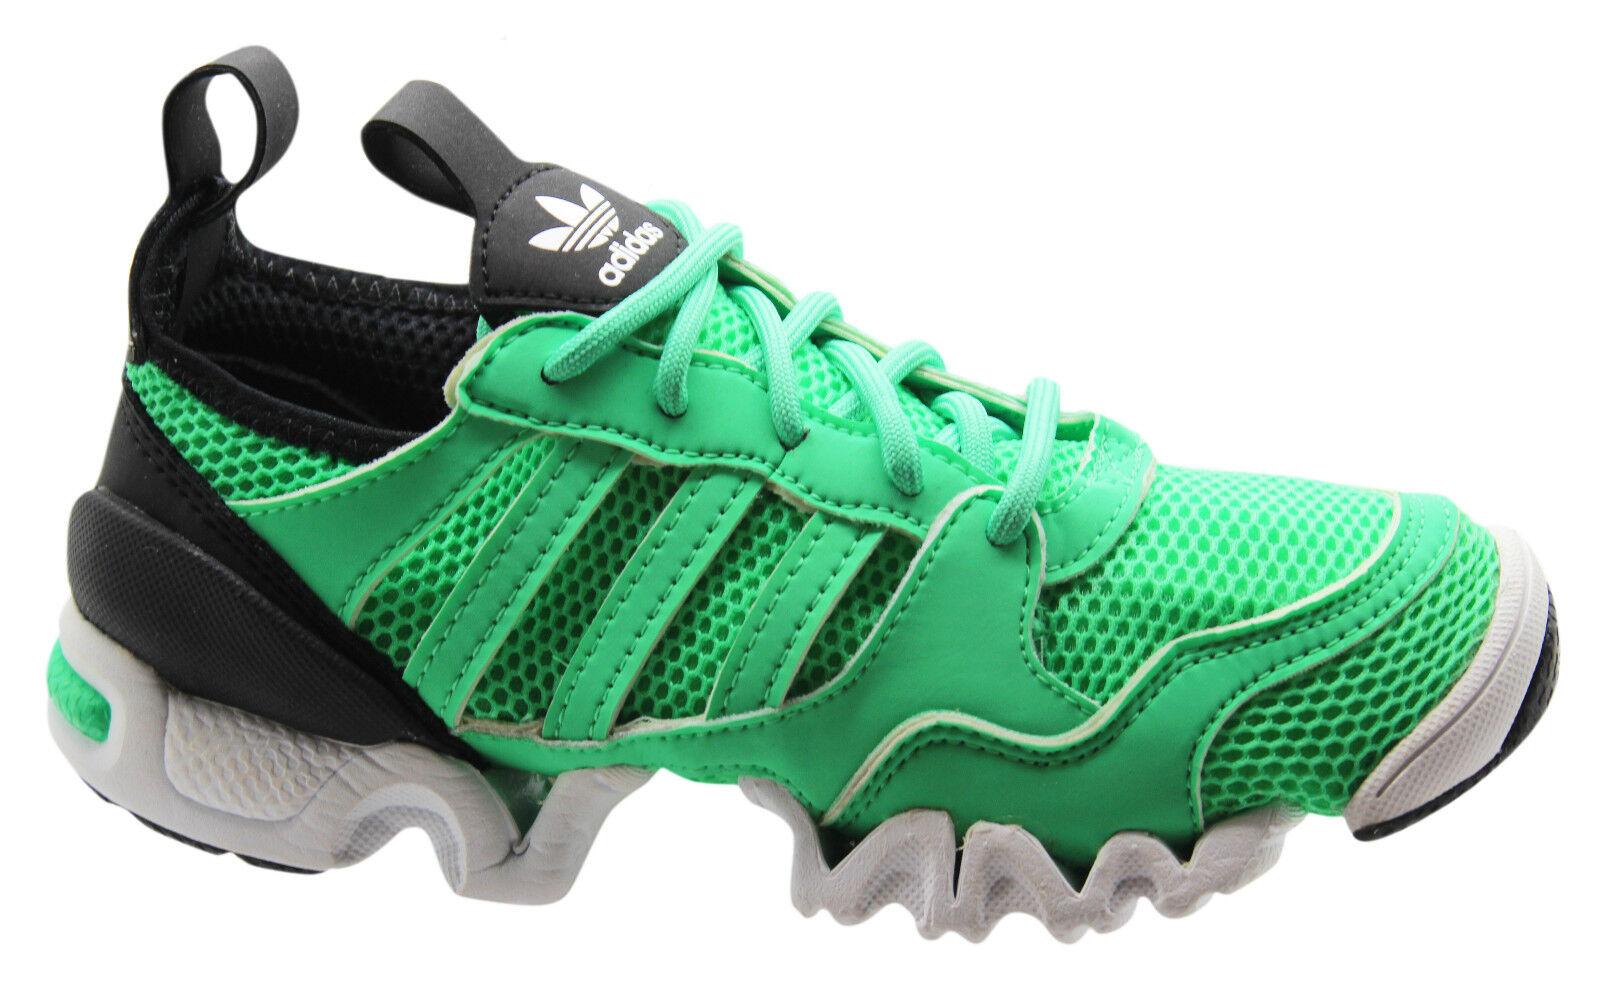 Adidas s-m-l originals femme baskets vert menthe à lacets M25322 D44